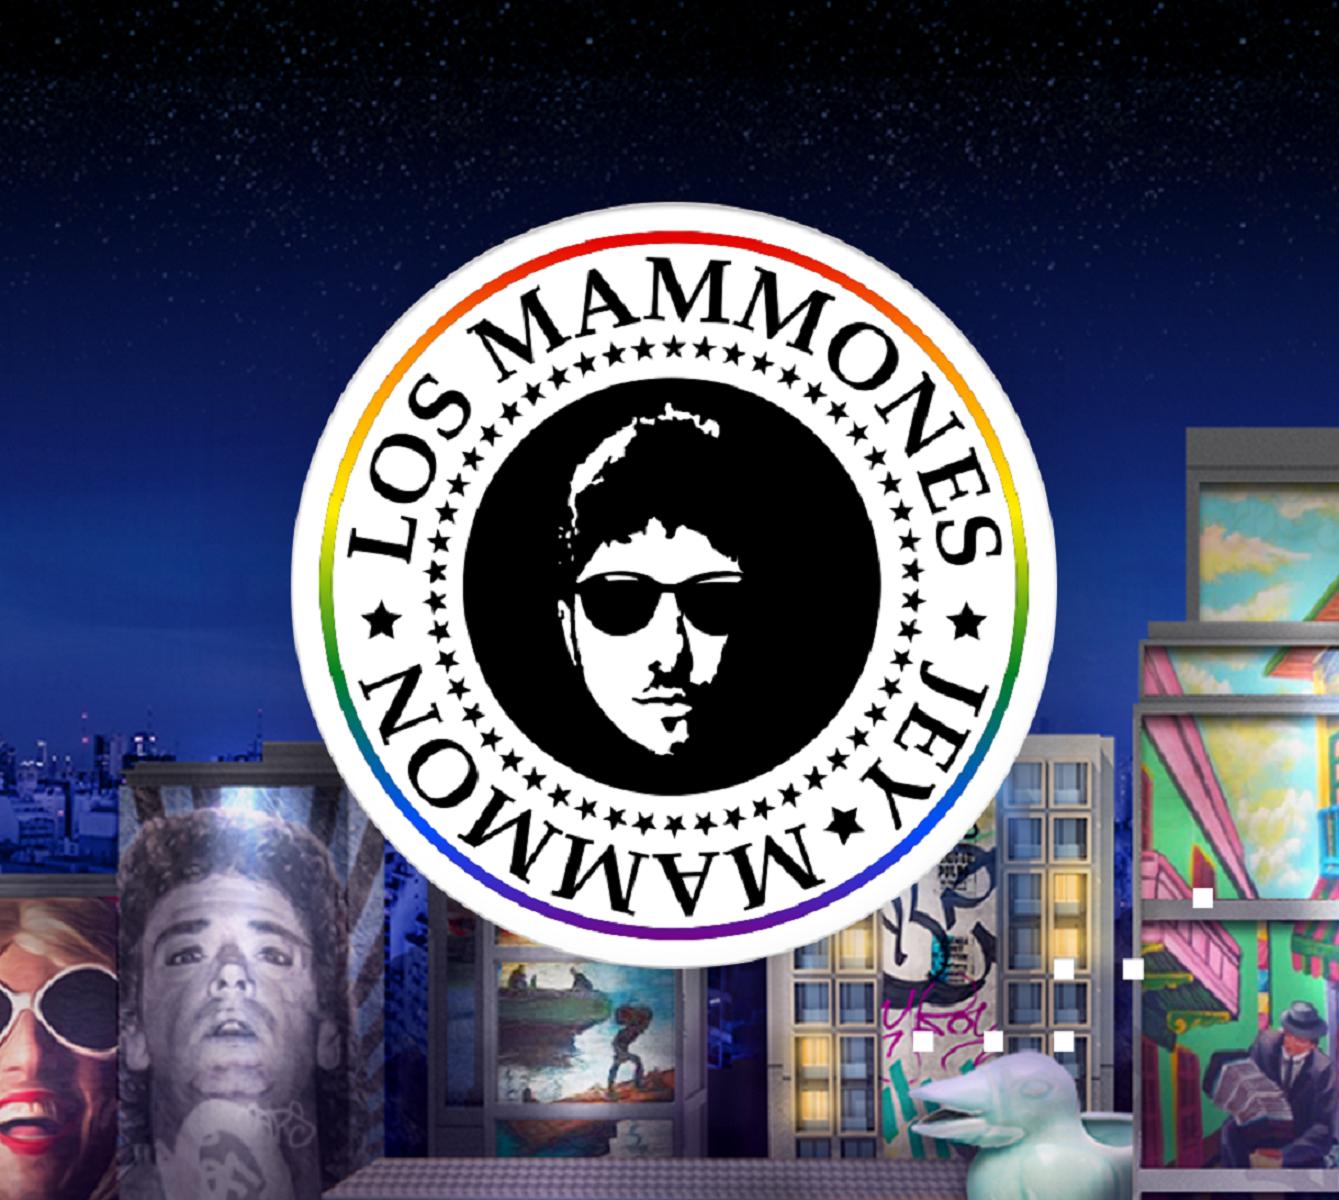 Los Mammones